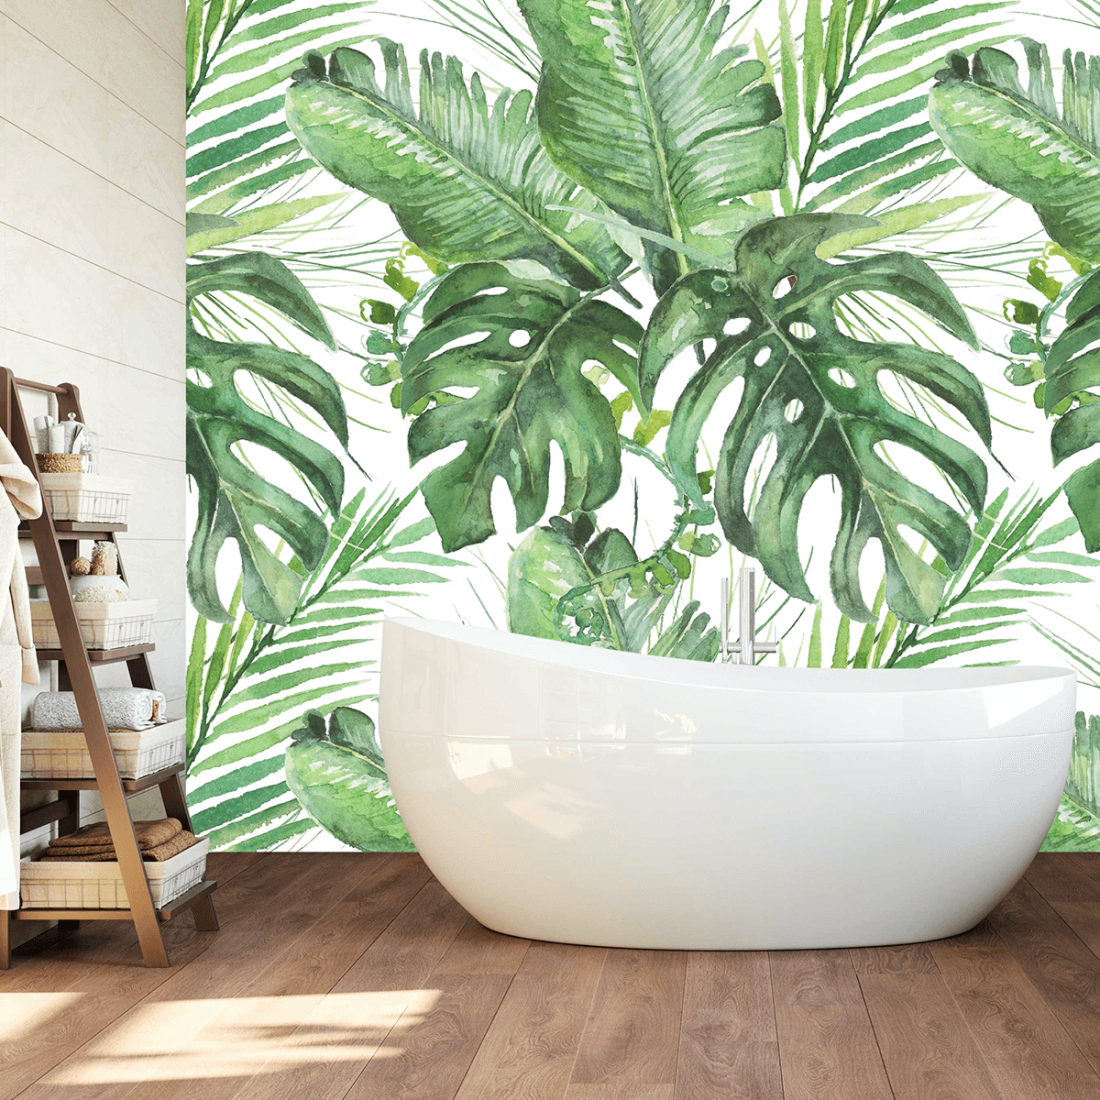 Tudi v kopalnici si lahko omislite tapeto z vpadljivim vzorcem, a naj bo iz materiala, ki je odporen proti vlagi. FOTO: arhiv Wall Coverings